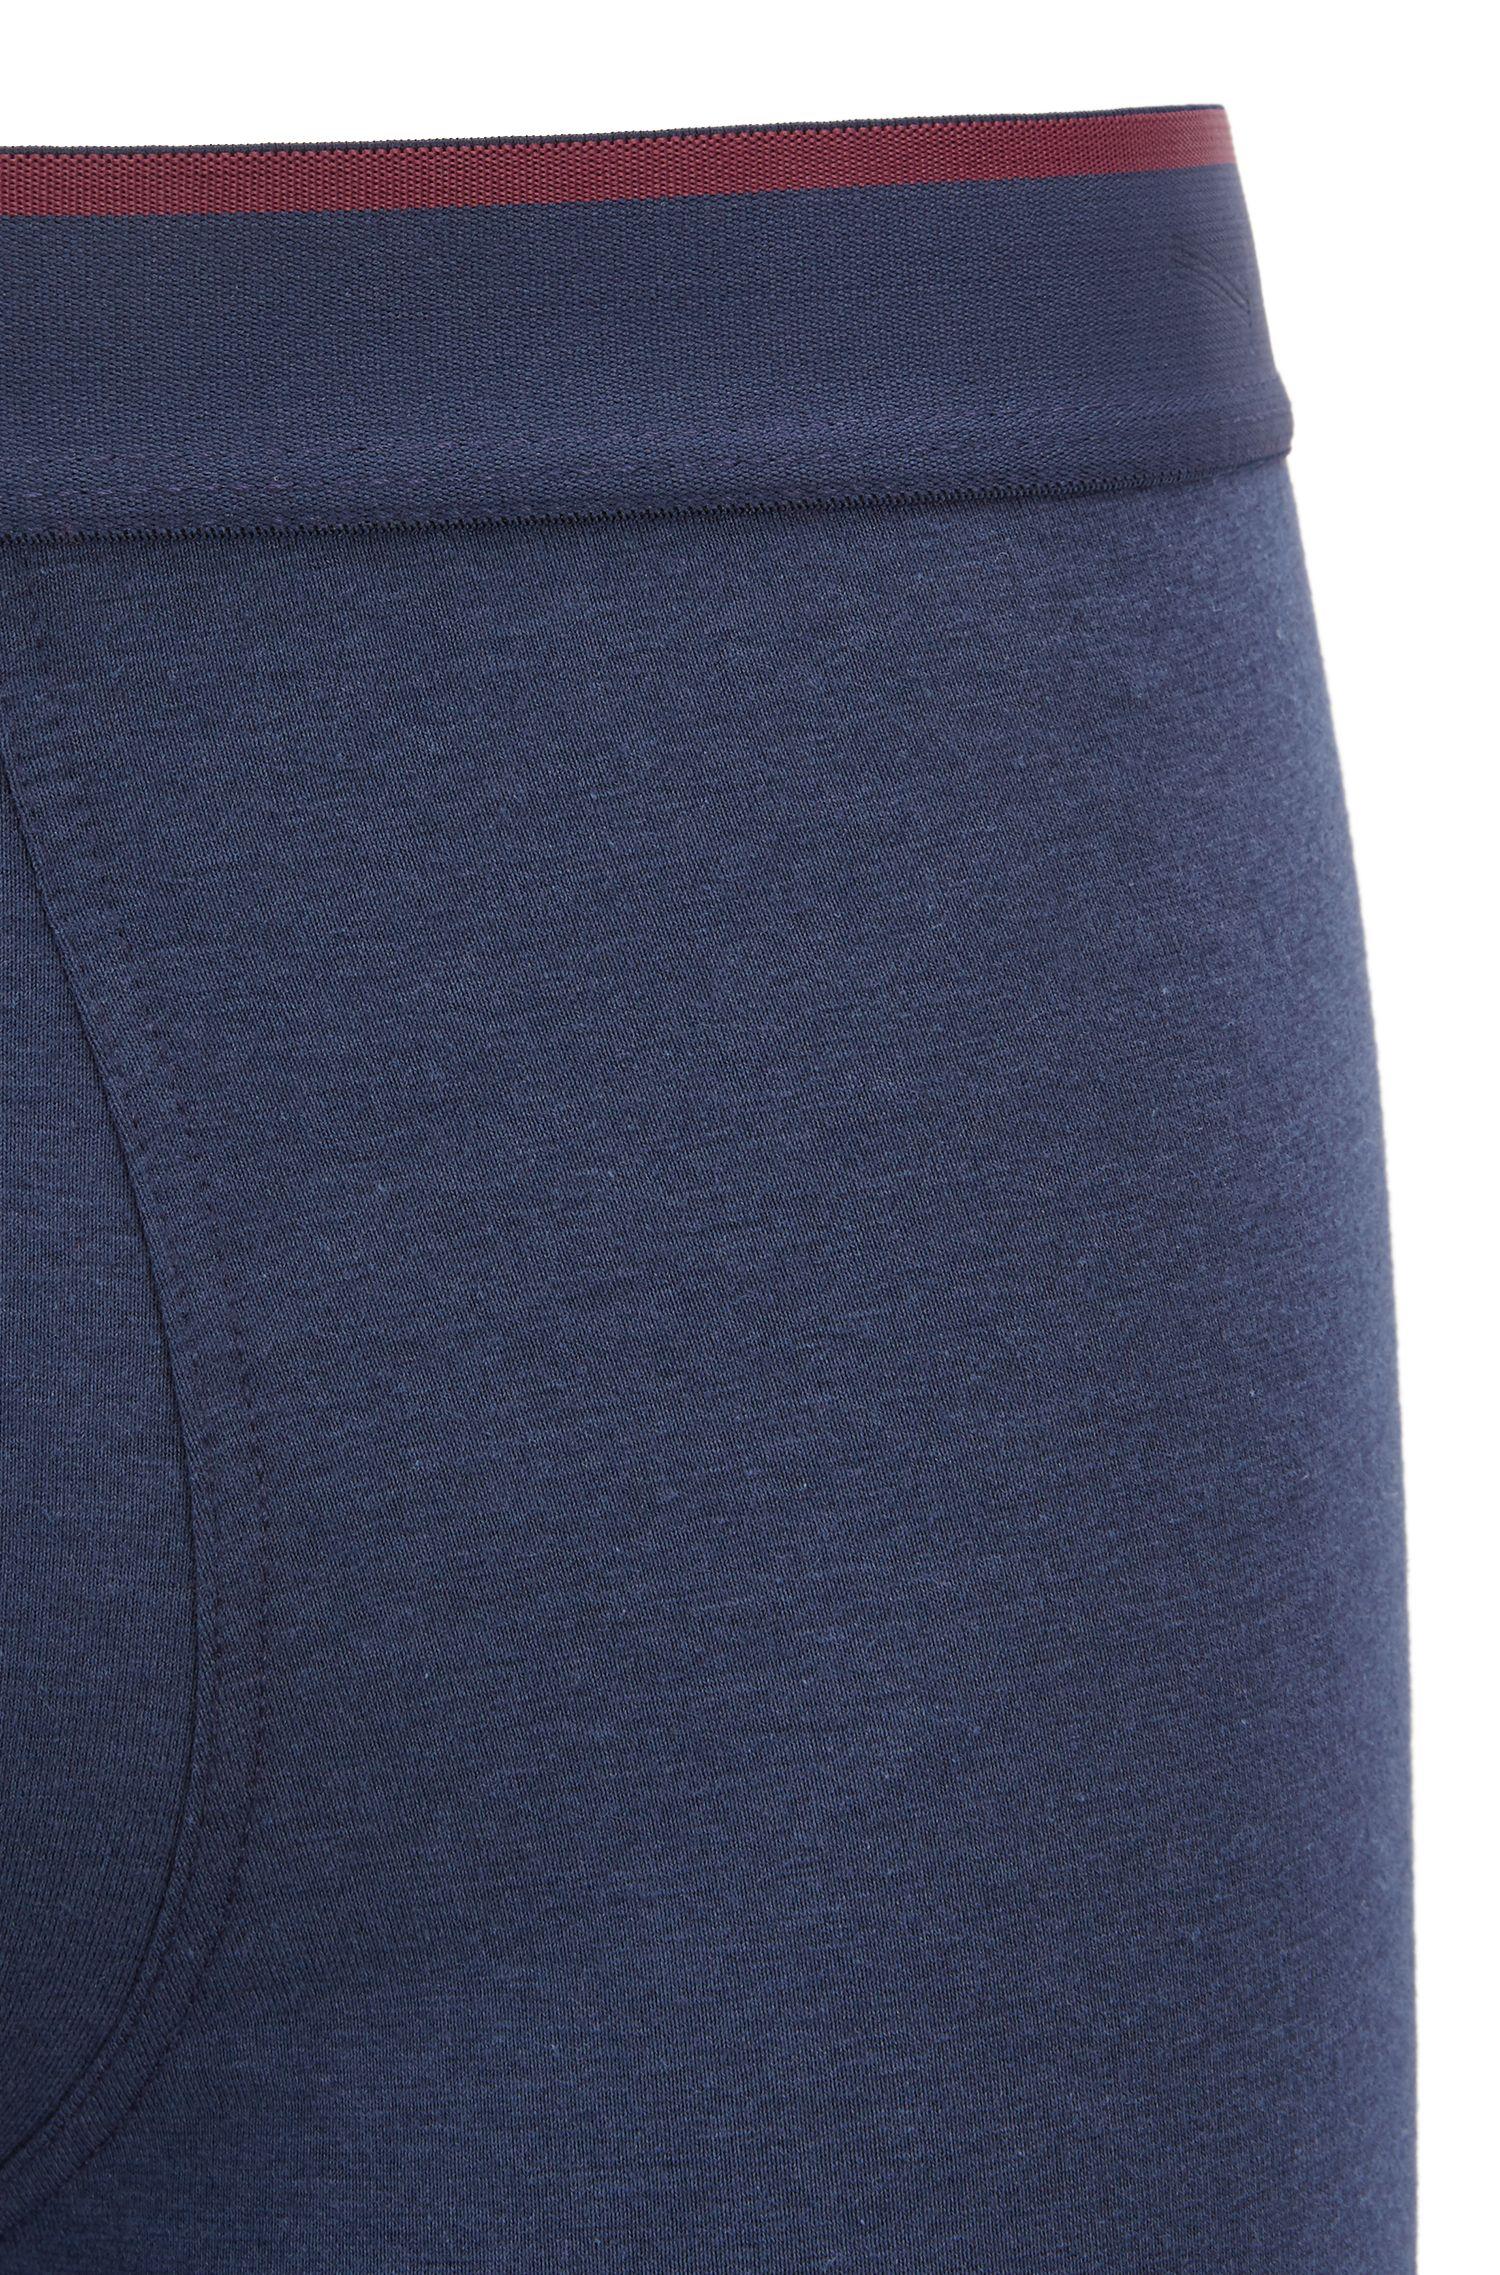 Boxer long RegularRise avec la technologie de thermorégulation Outlast®, Bleu foncé